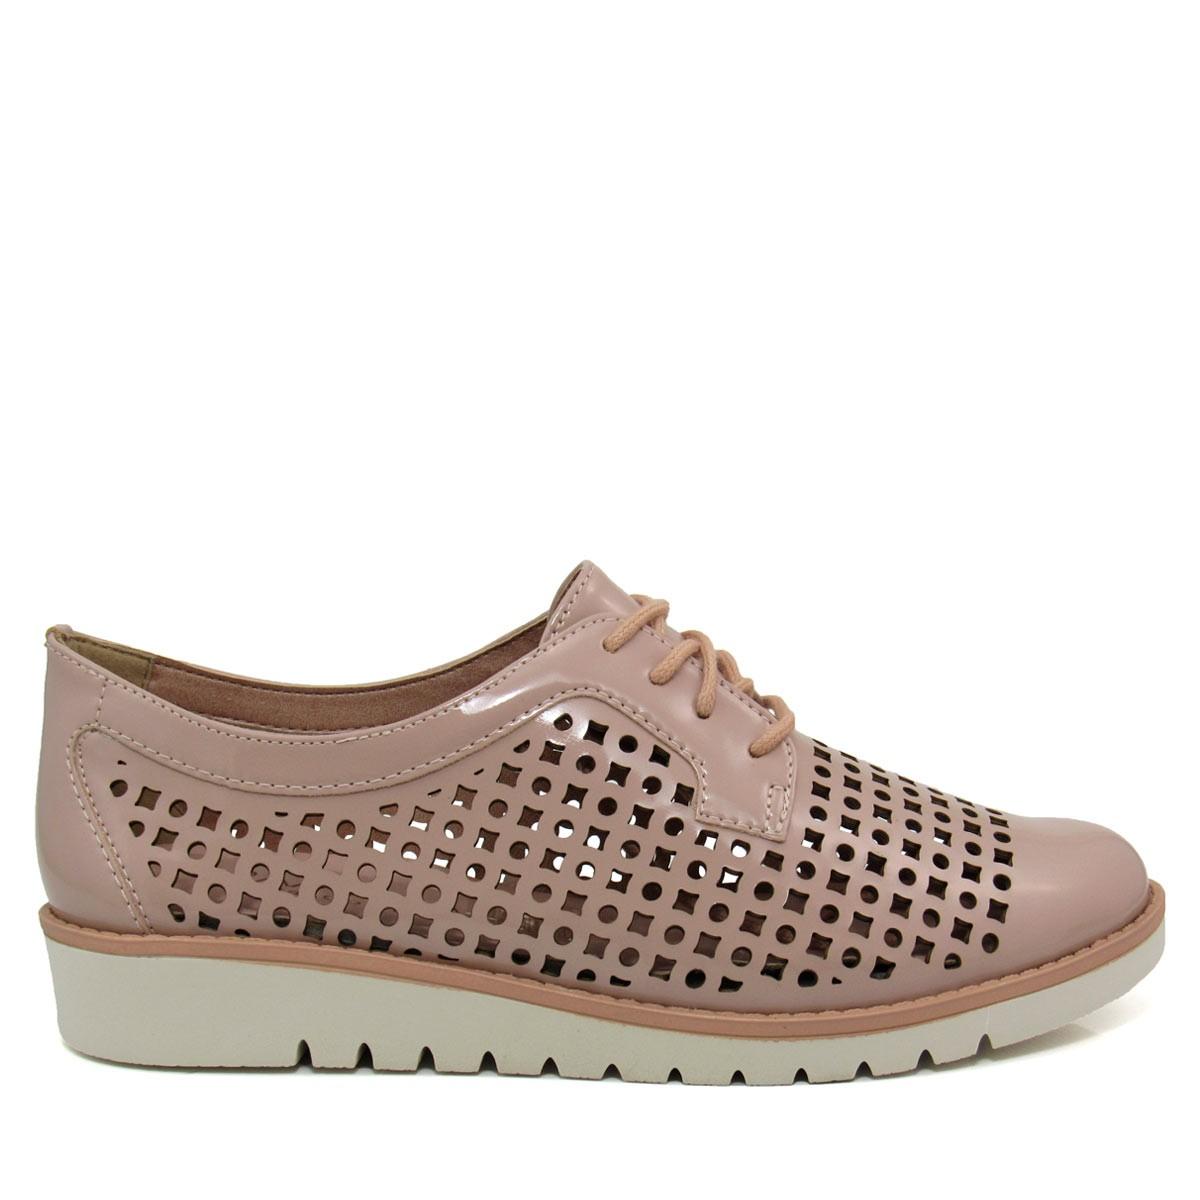 495b2b1a14 Sapato Feminino Oxford Ramarim Total Comfort 1690201 Coleção 2018